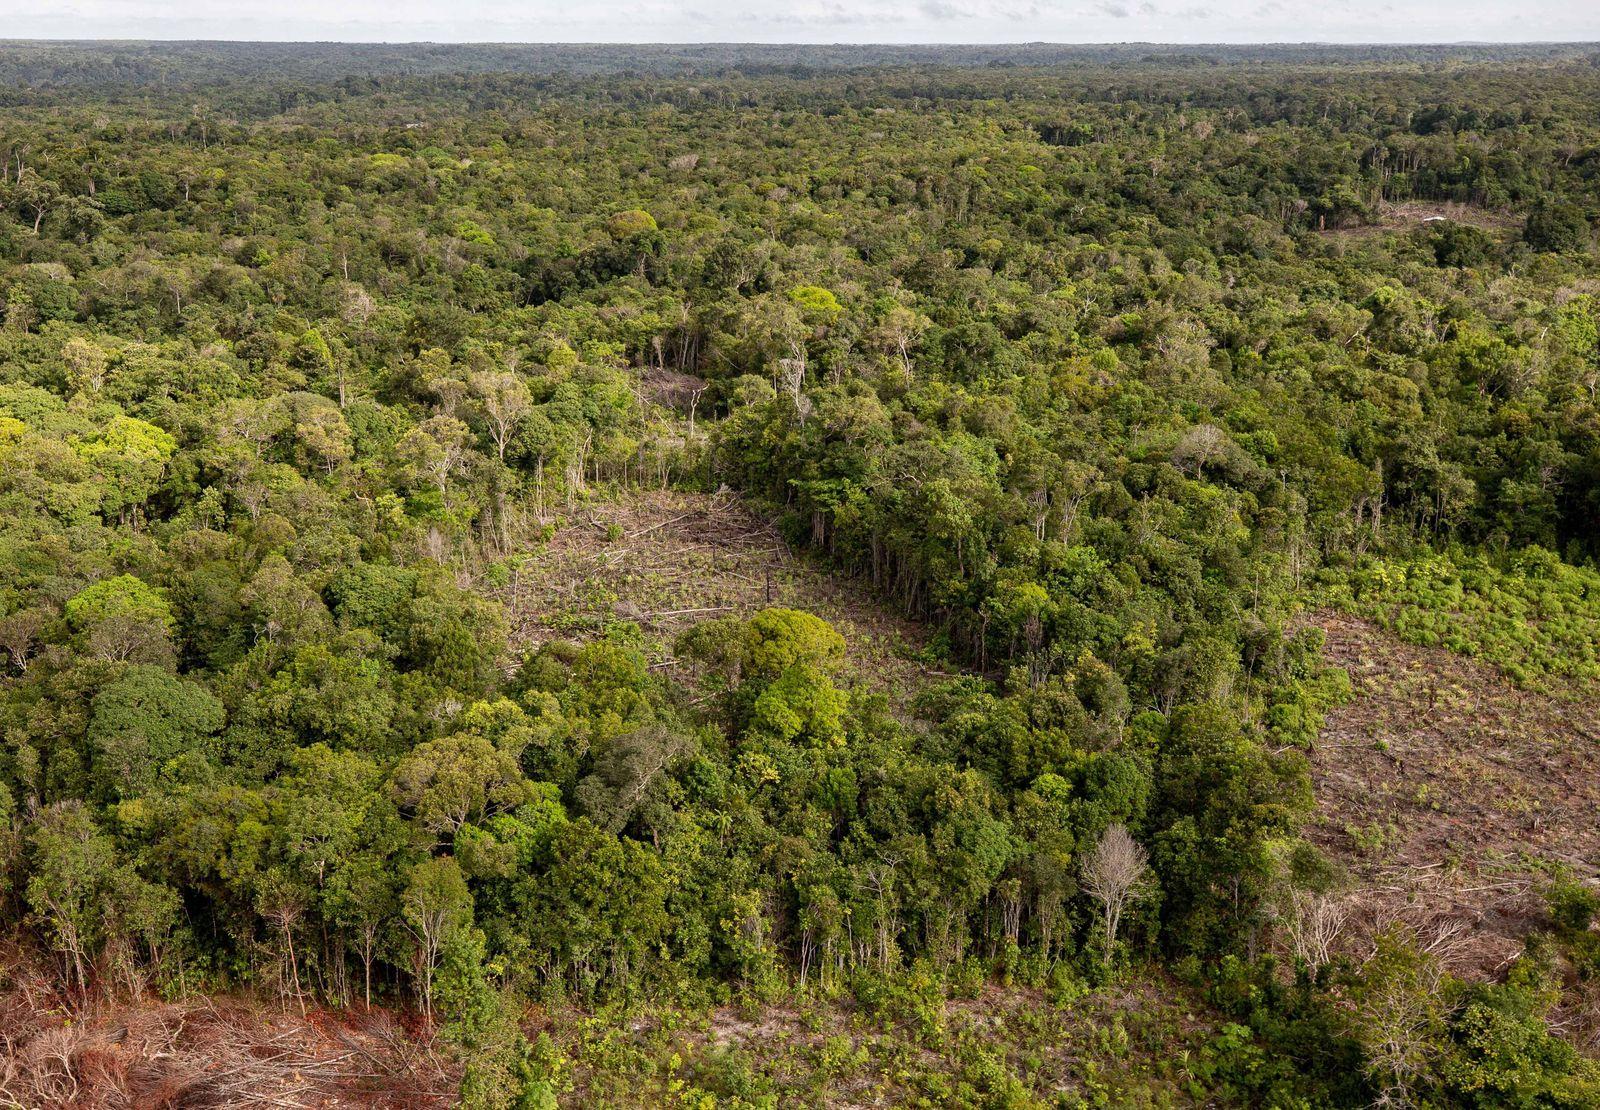 March 3, 2021, Sao Paulo, Sao Paulo, Brazil: Illegal deforestation in the Amazon rainforest in the upper Rio Negro, in t